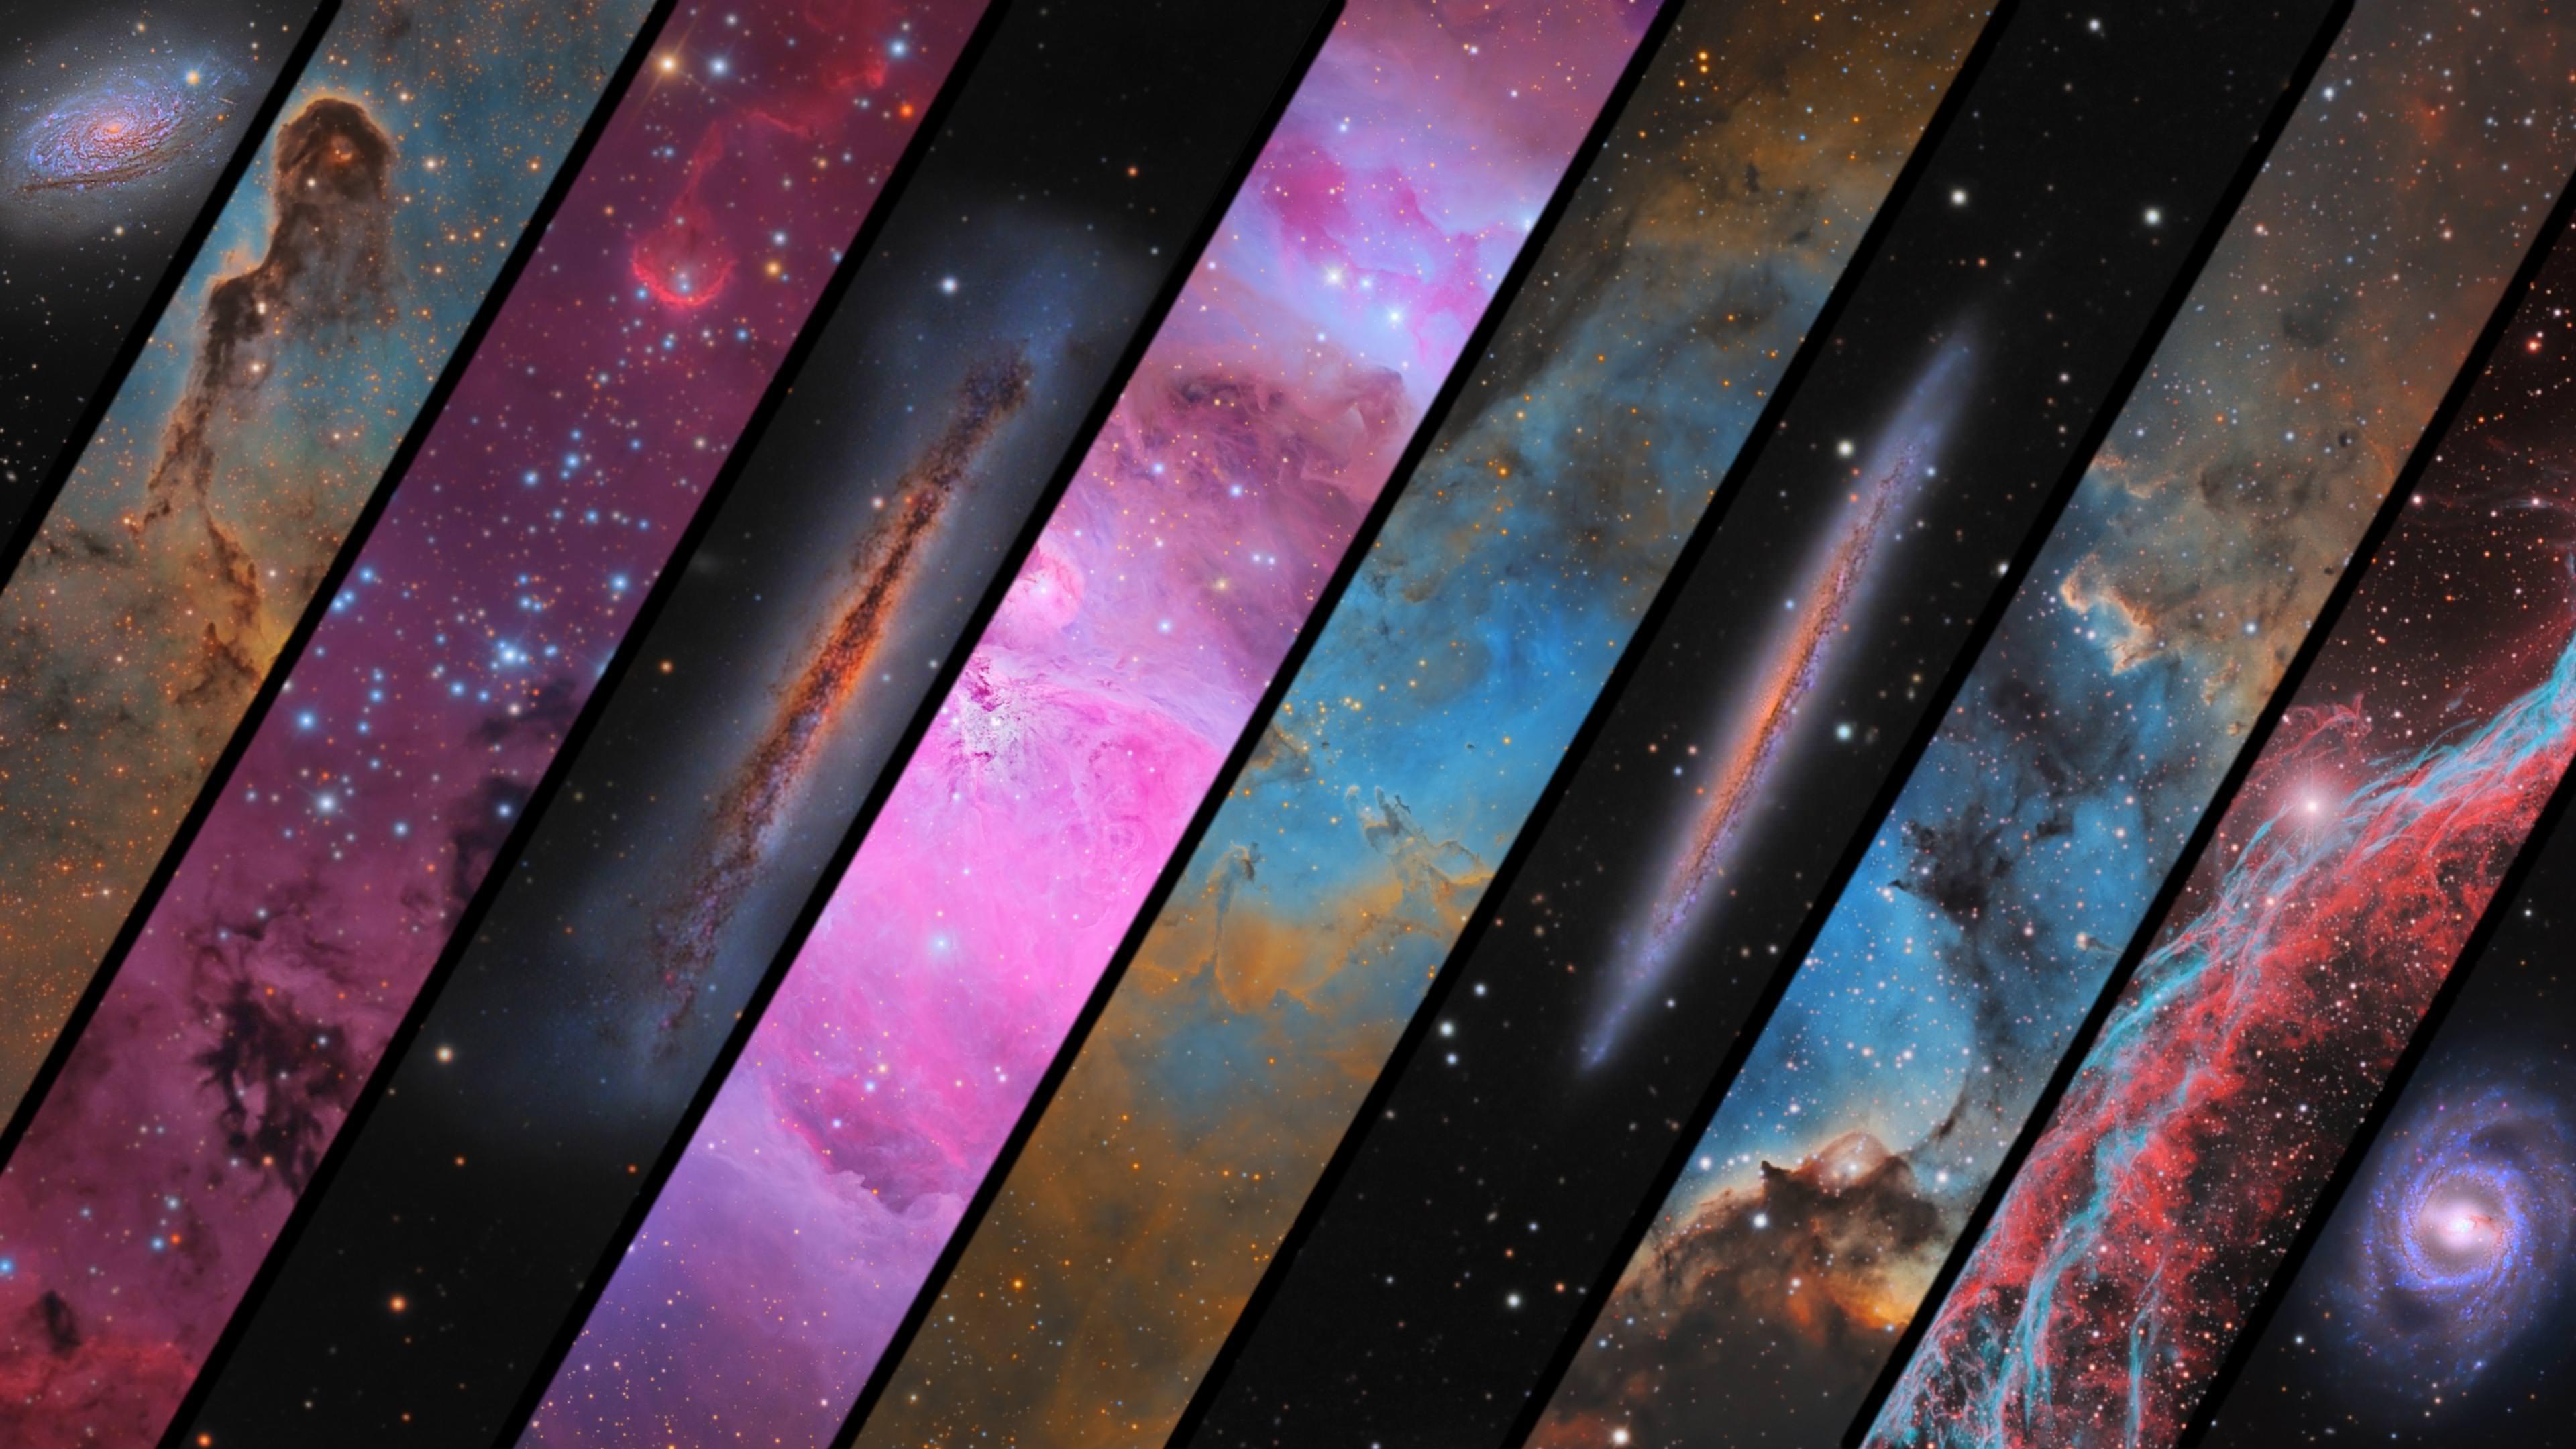 astrophotos space abstract 1546277890 - Astrophotos Space Abstract - stars wallpapers, space wallpapers, hd-wallpapers, abstract wallpapers, 4k-wallpapers